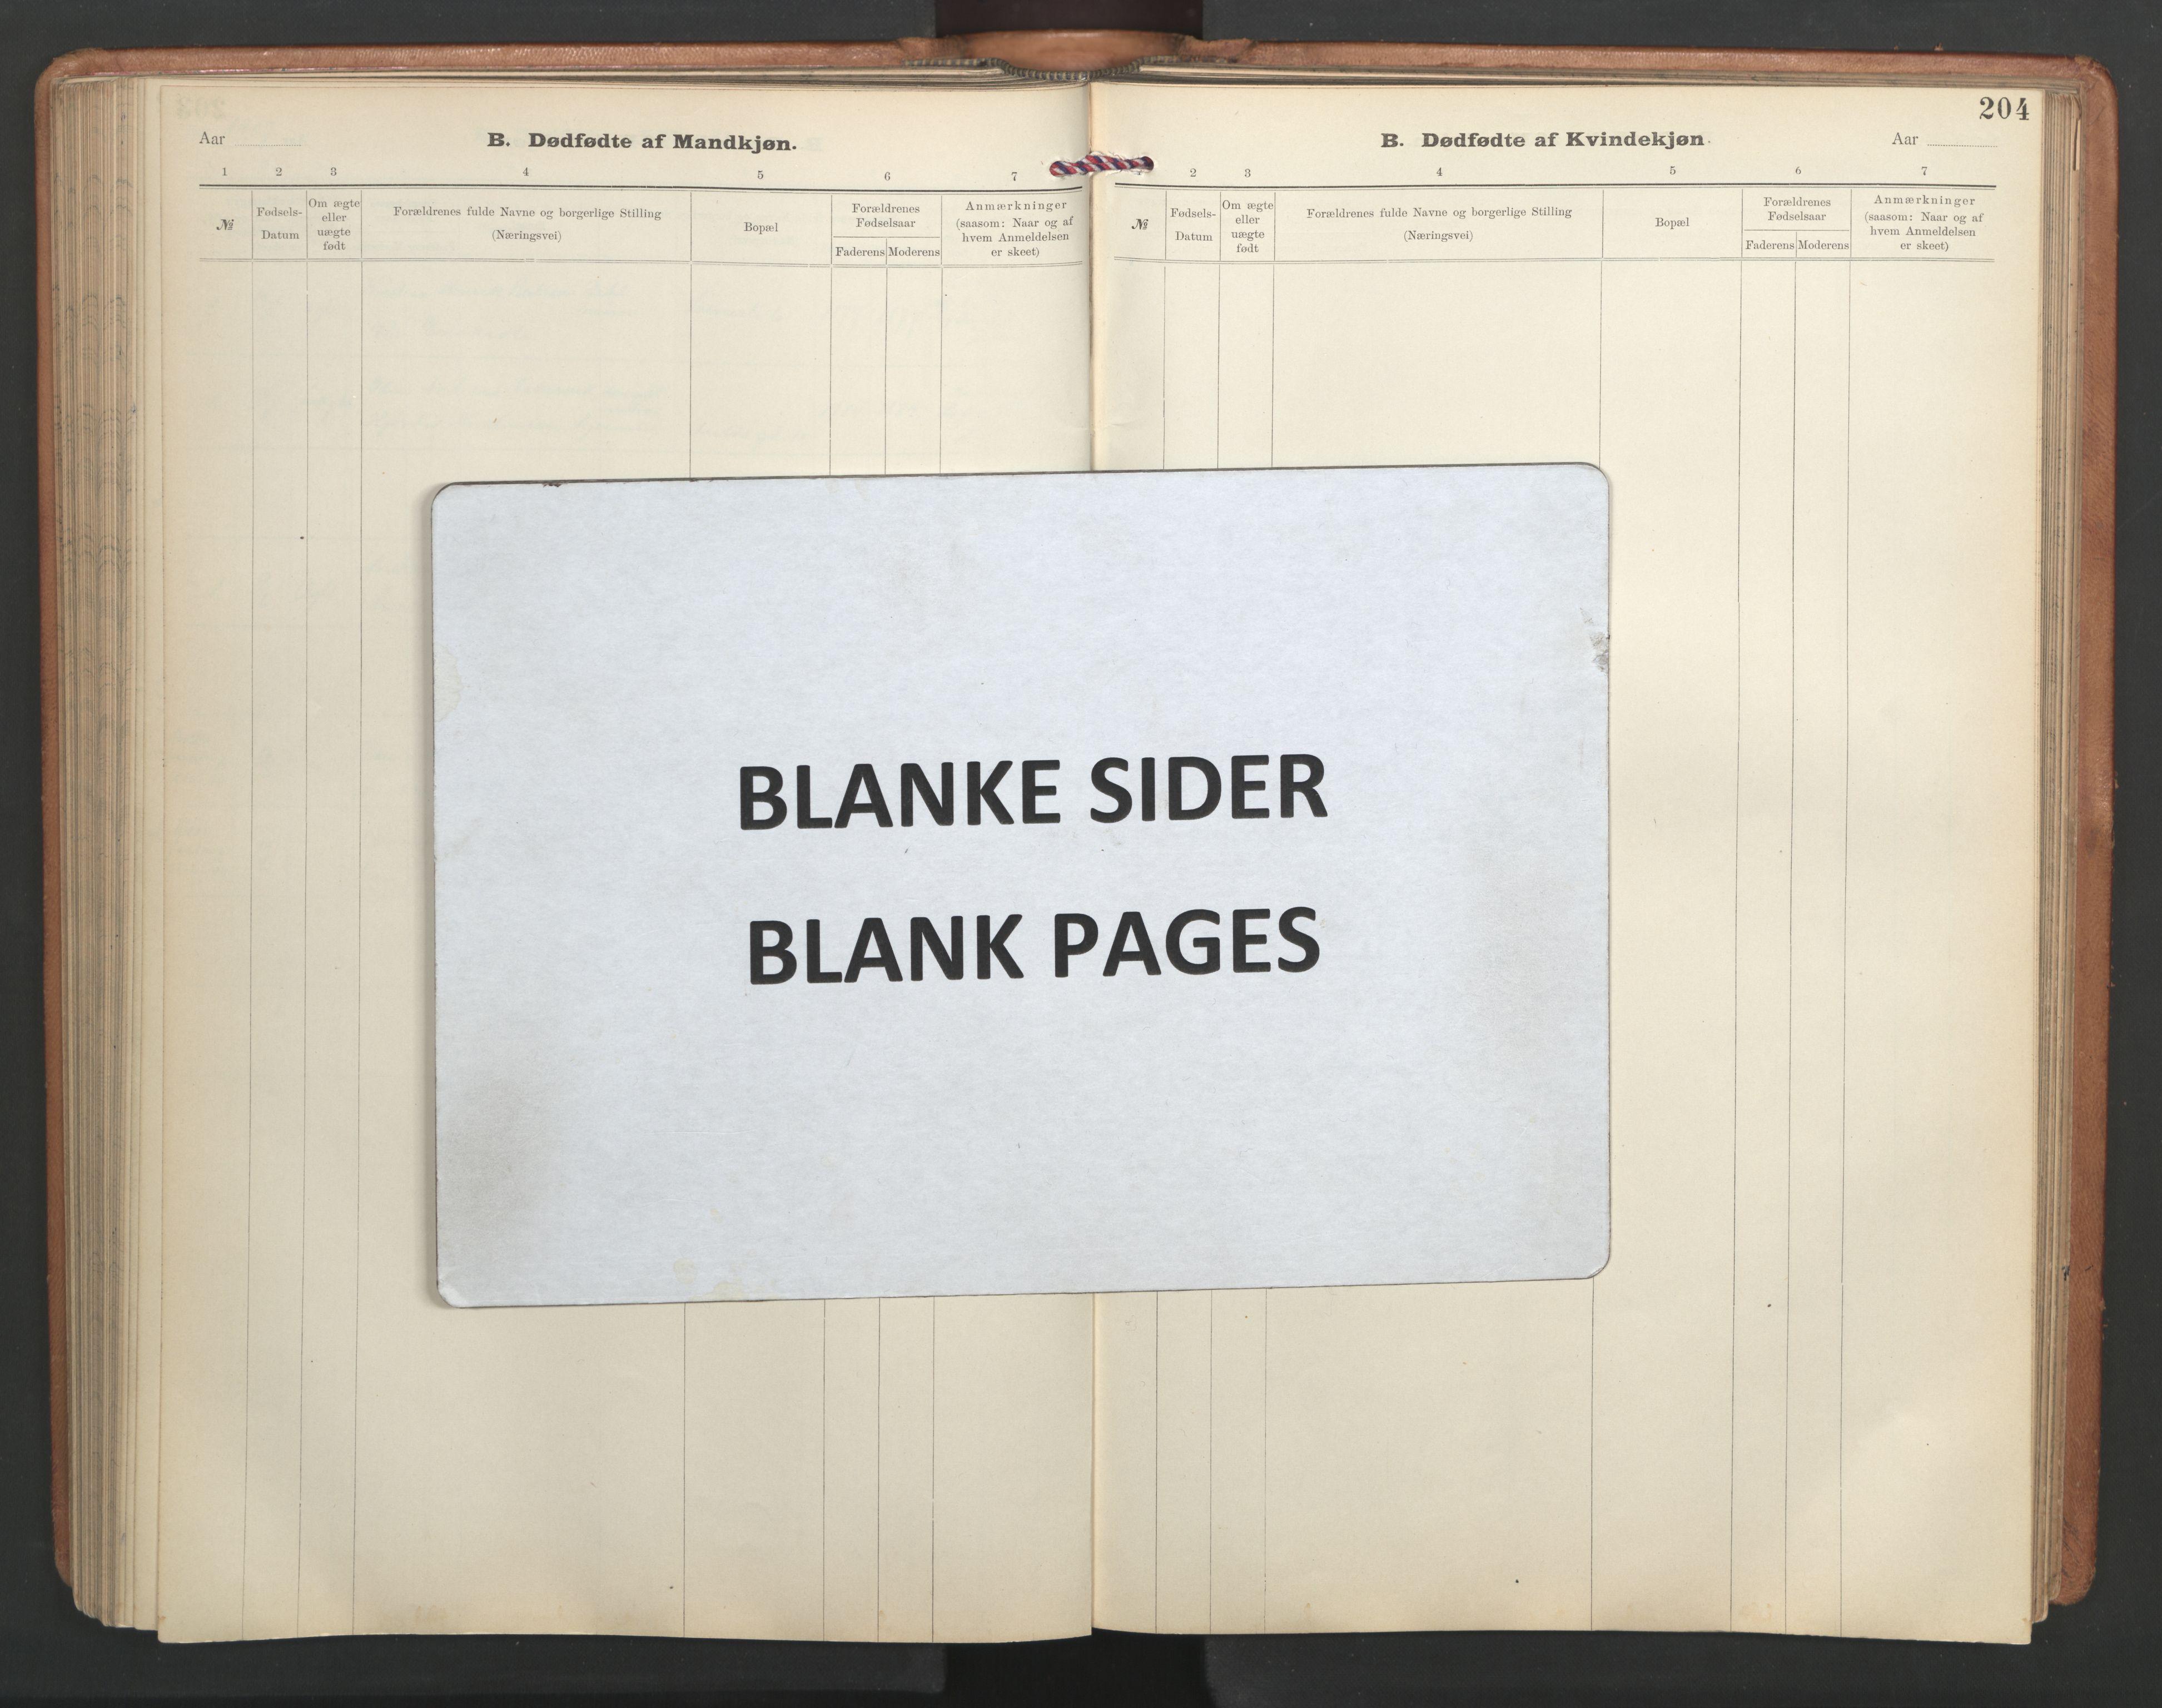 SAT, Ministerialprotokoller, klokkerbøker og fødselsregistre - Sør-Trøndelag, 603/L0173: Klokkerbok nr. 603C01, 1907-1962, s. 204